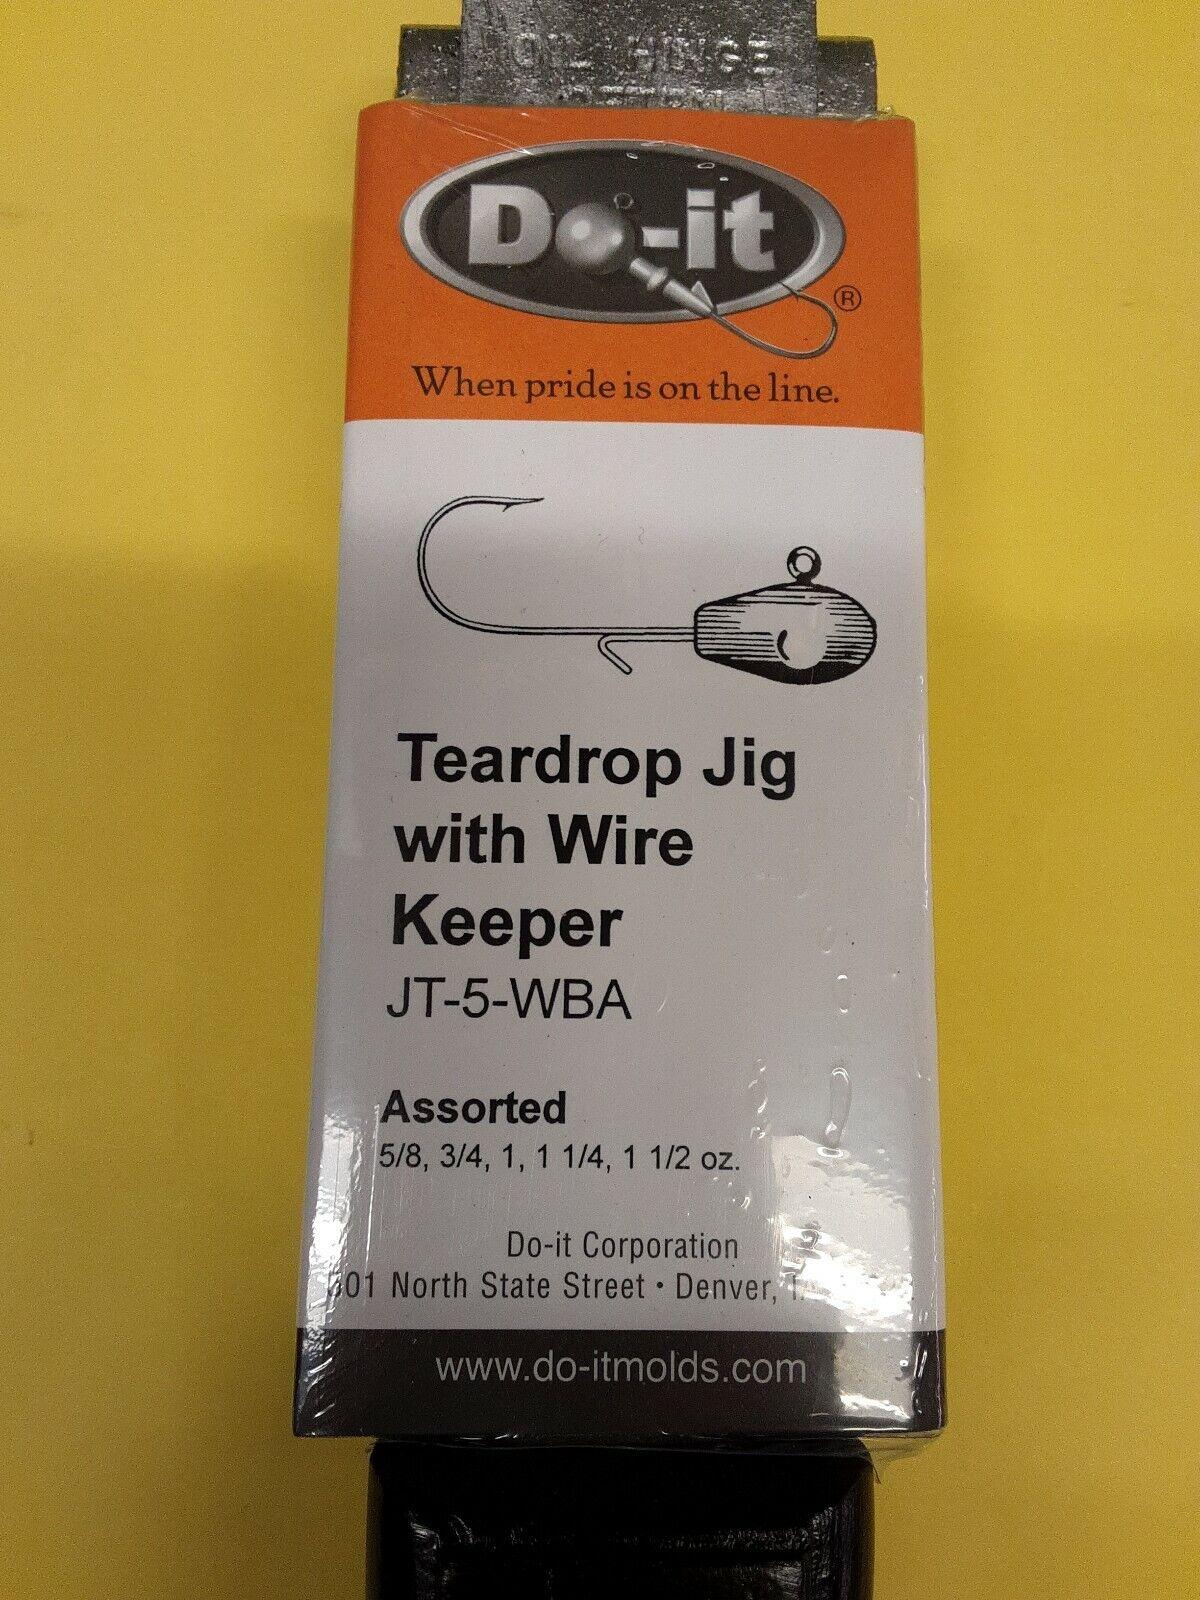 3505 LARGE  DO-IT TEARDROP JIG MOLD w WIRE  KEEPER w 10 FREE WIRES, JT-5-WBA  great offers